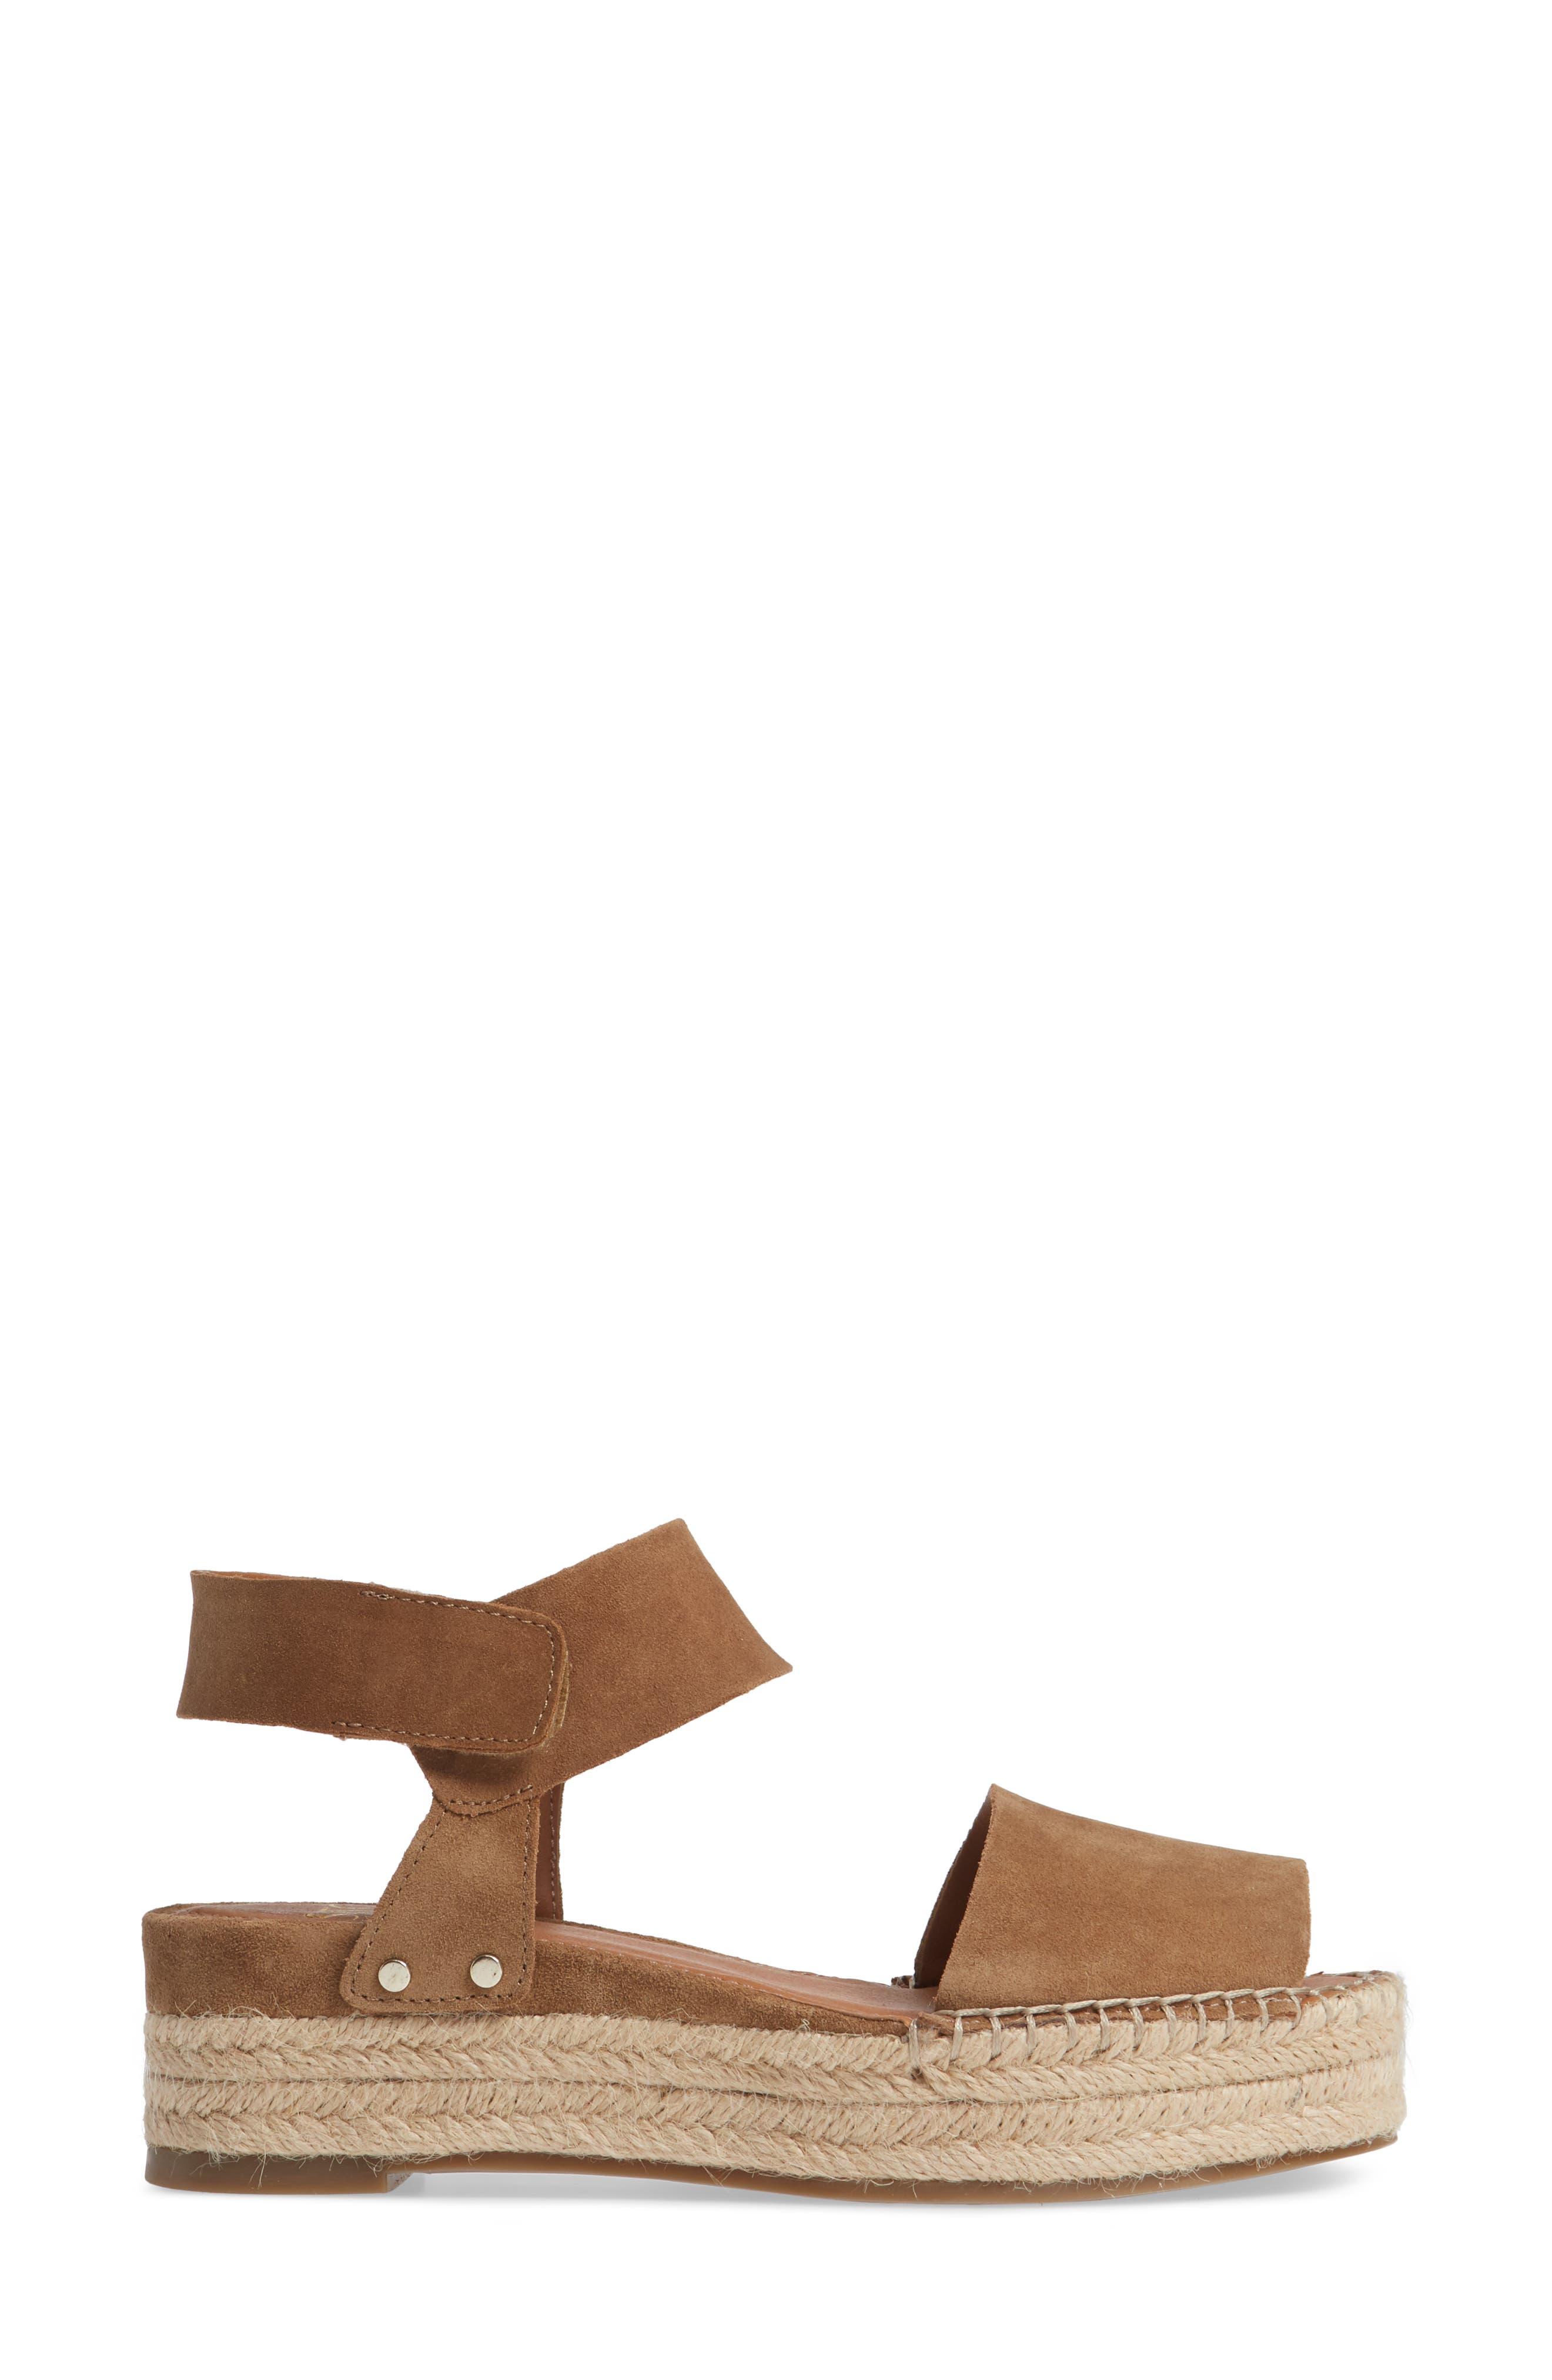 Oak Platform Wedge Espadrille,                             Alternate thumbnail 3, color,                             TOASTED BARLEY SUEDE